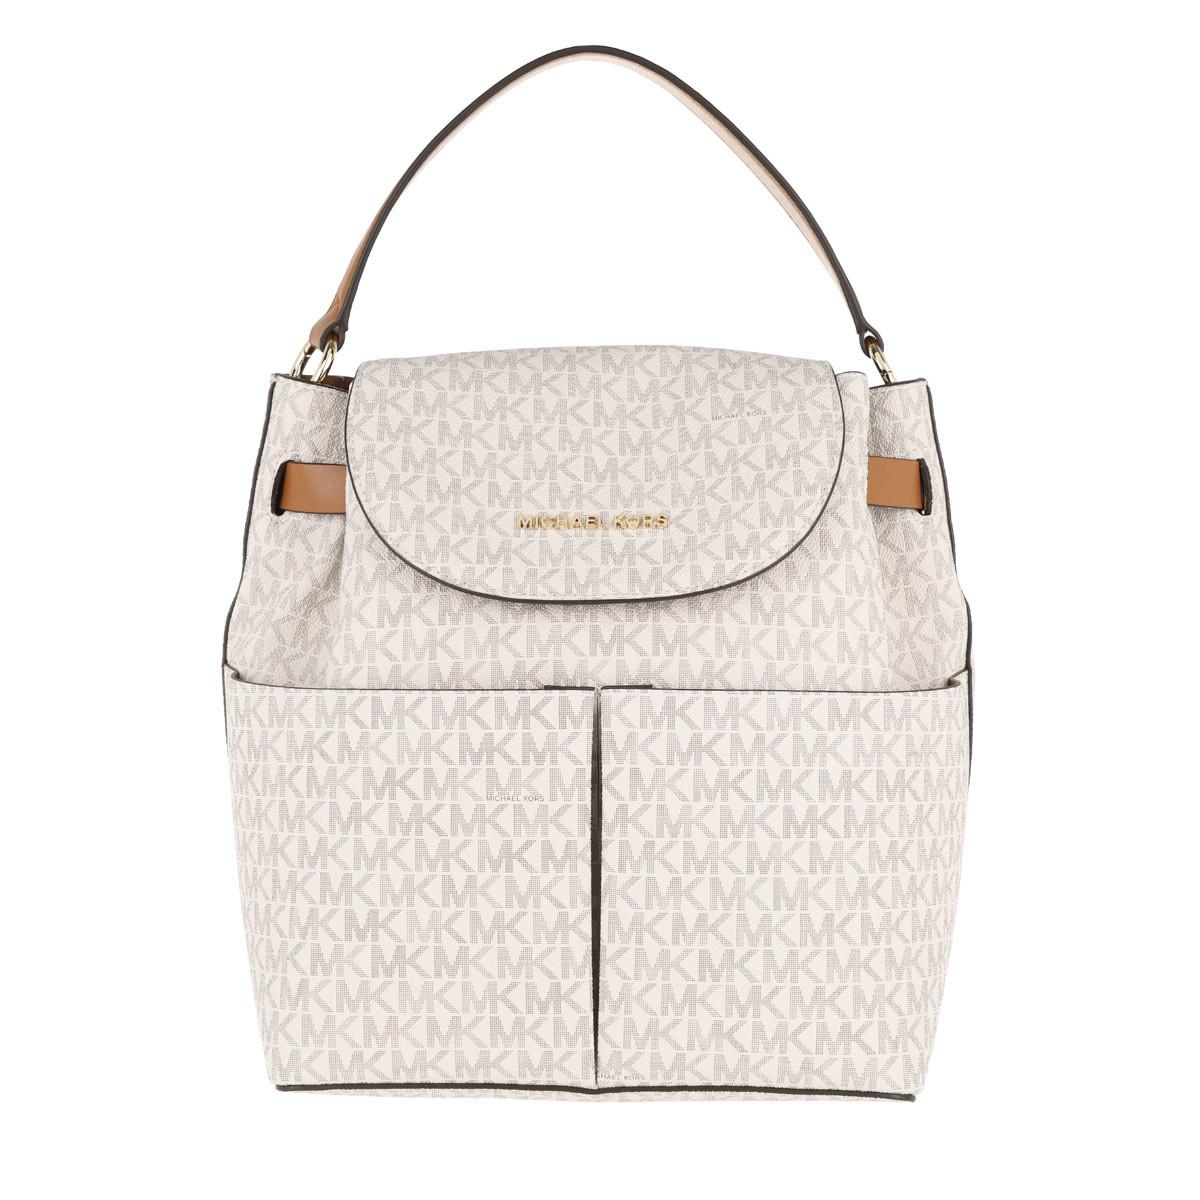 Michael Kors Rucksack - Bedford LG Backpack Vanilla/Acorn - in weiß - für Damen